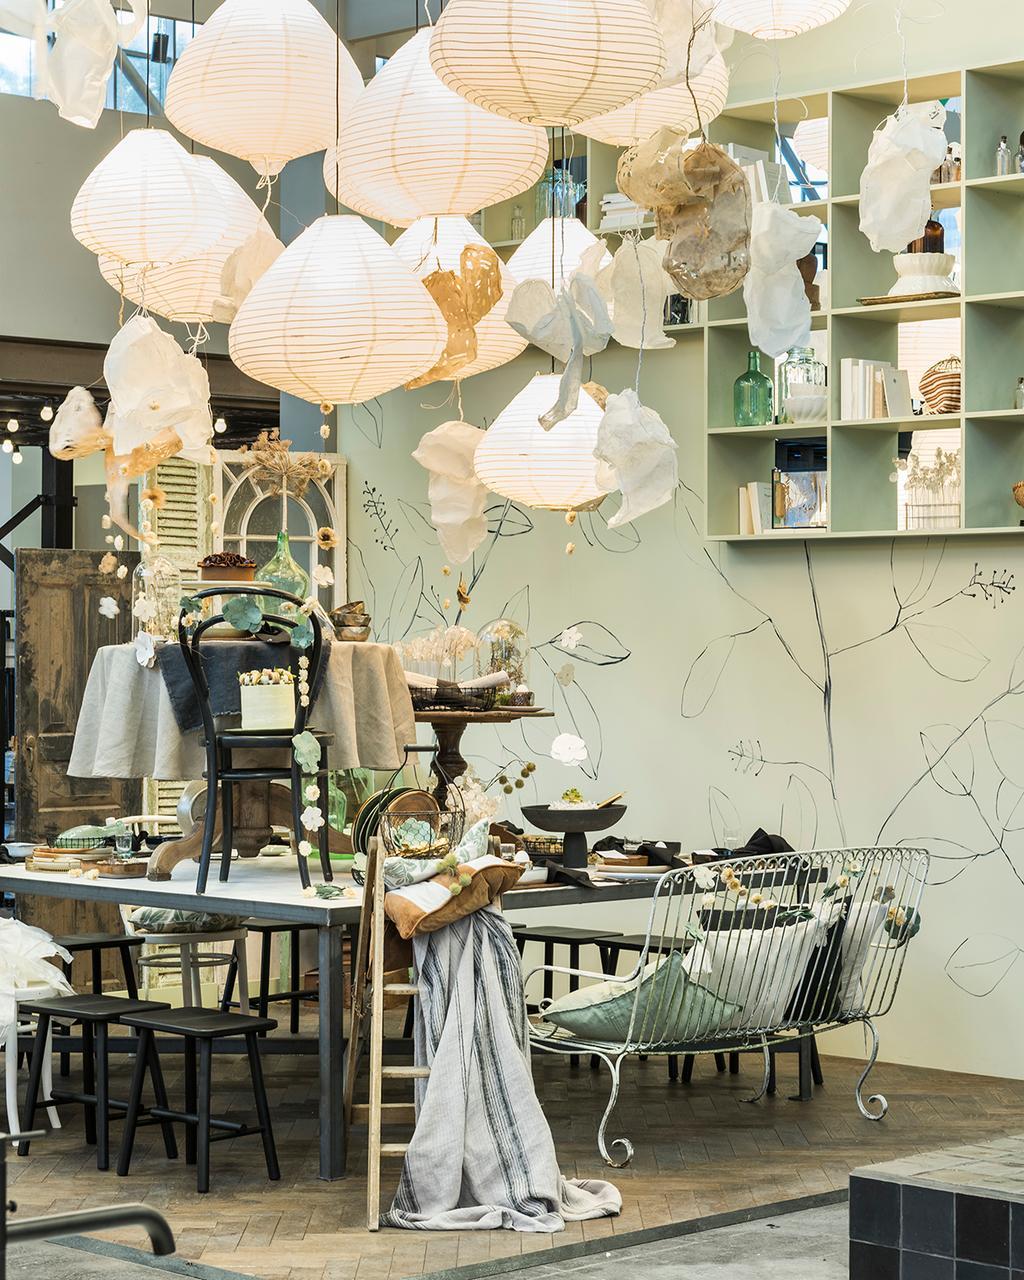 De eetkamer in het vtwonen huis op de vt wonen&design beurs.